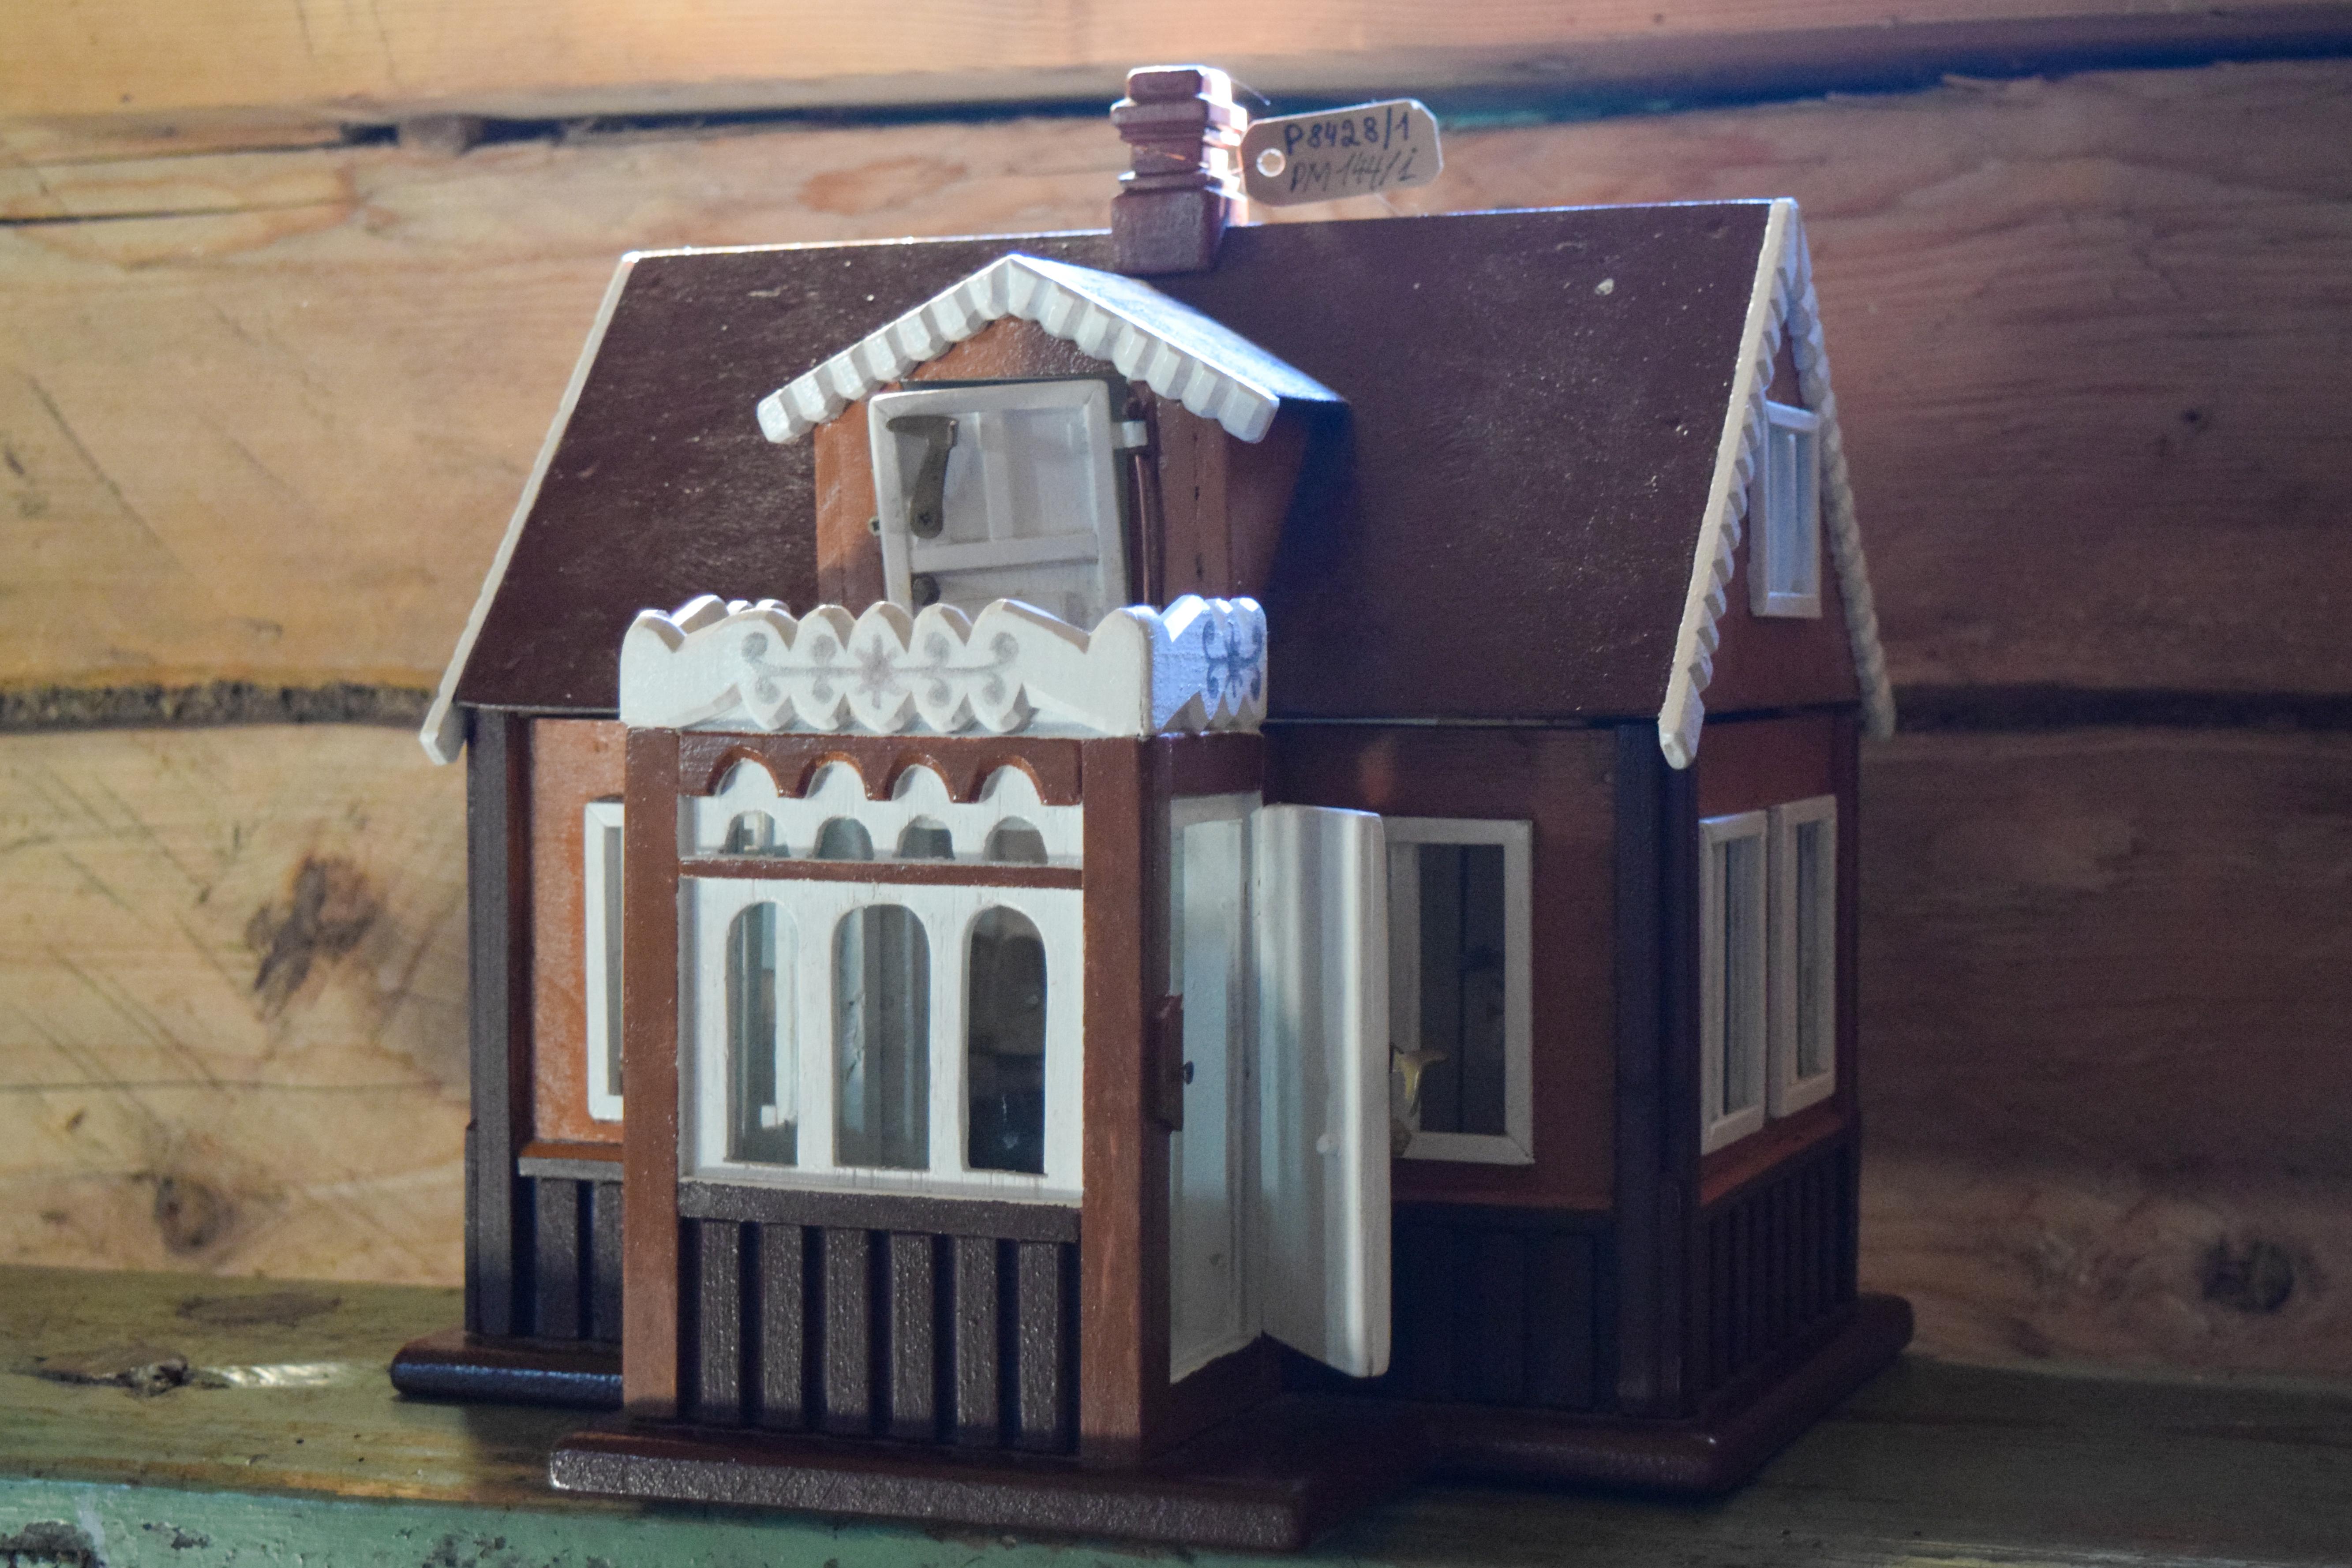 Lėlių namelis su baldais. E. Braziulienės nuotrauka.